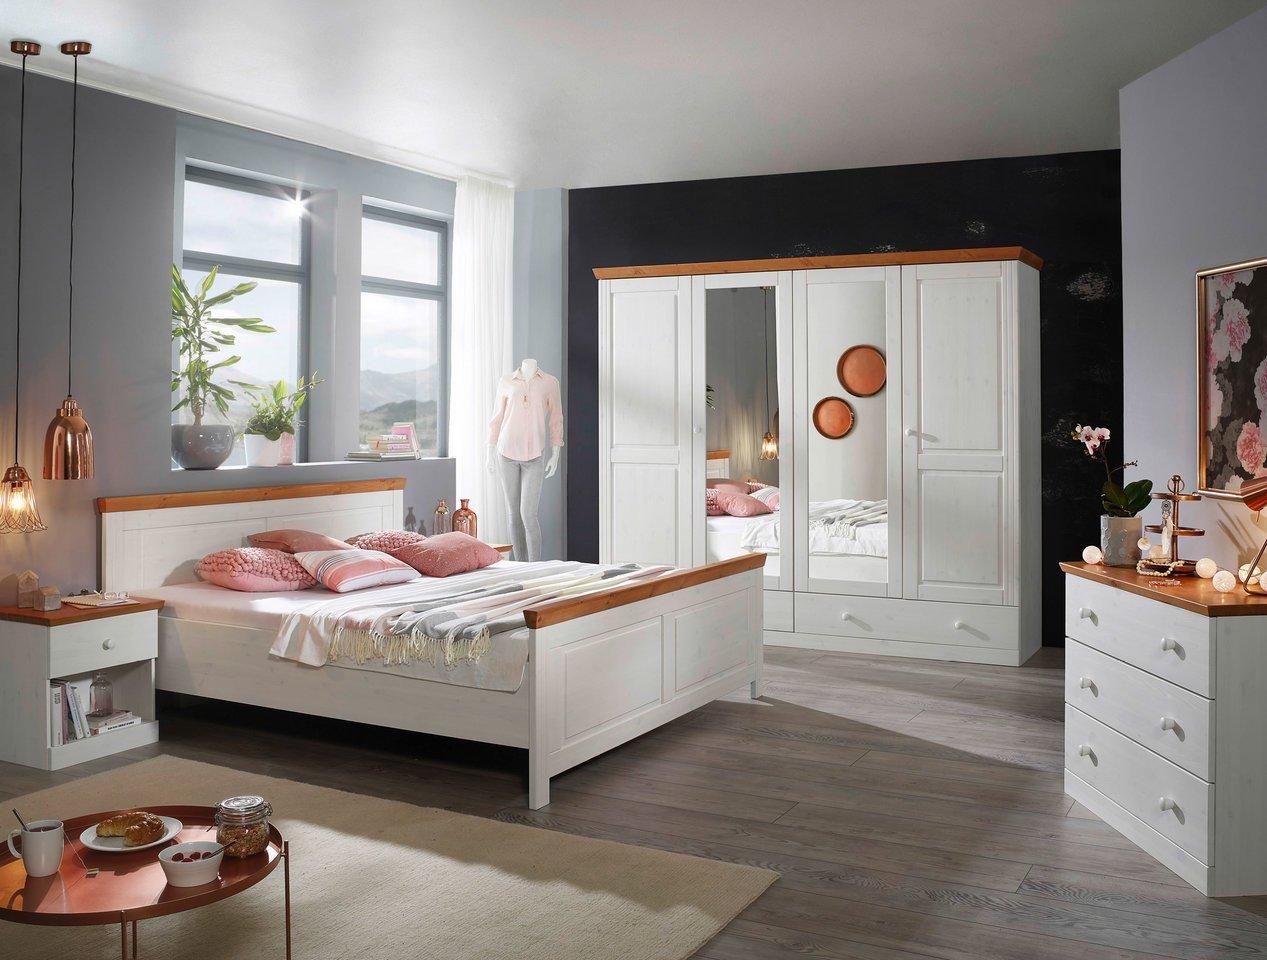 Schlafzimmer Waterkant Kiefer massiv weiß